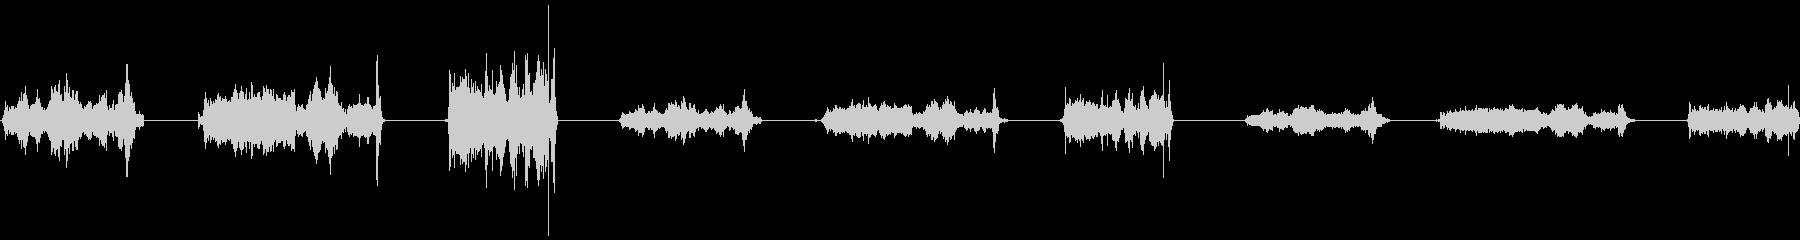 ローププル、ロング、3バージョンX...の未再生の波形